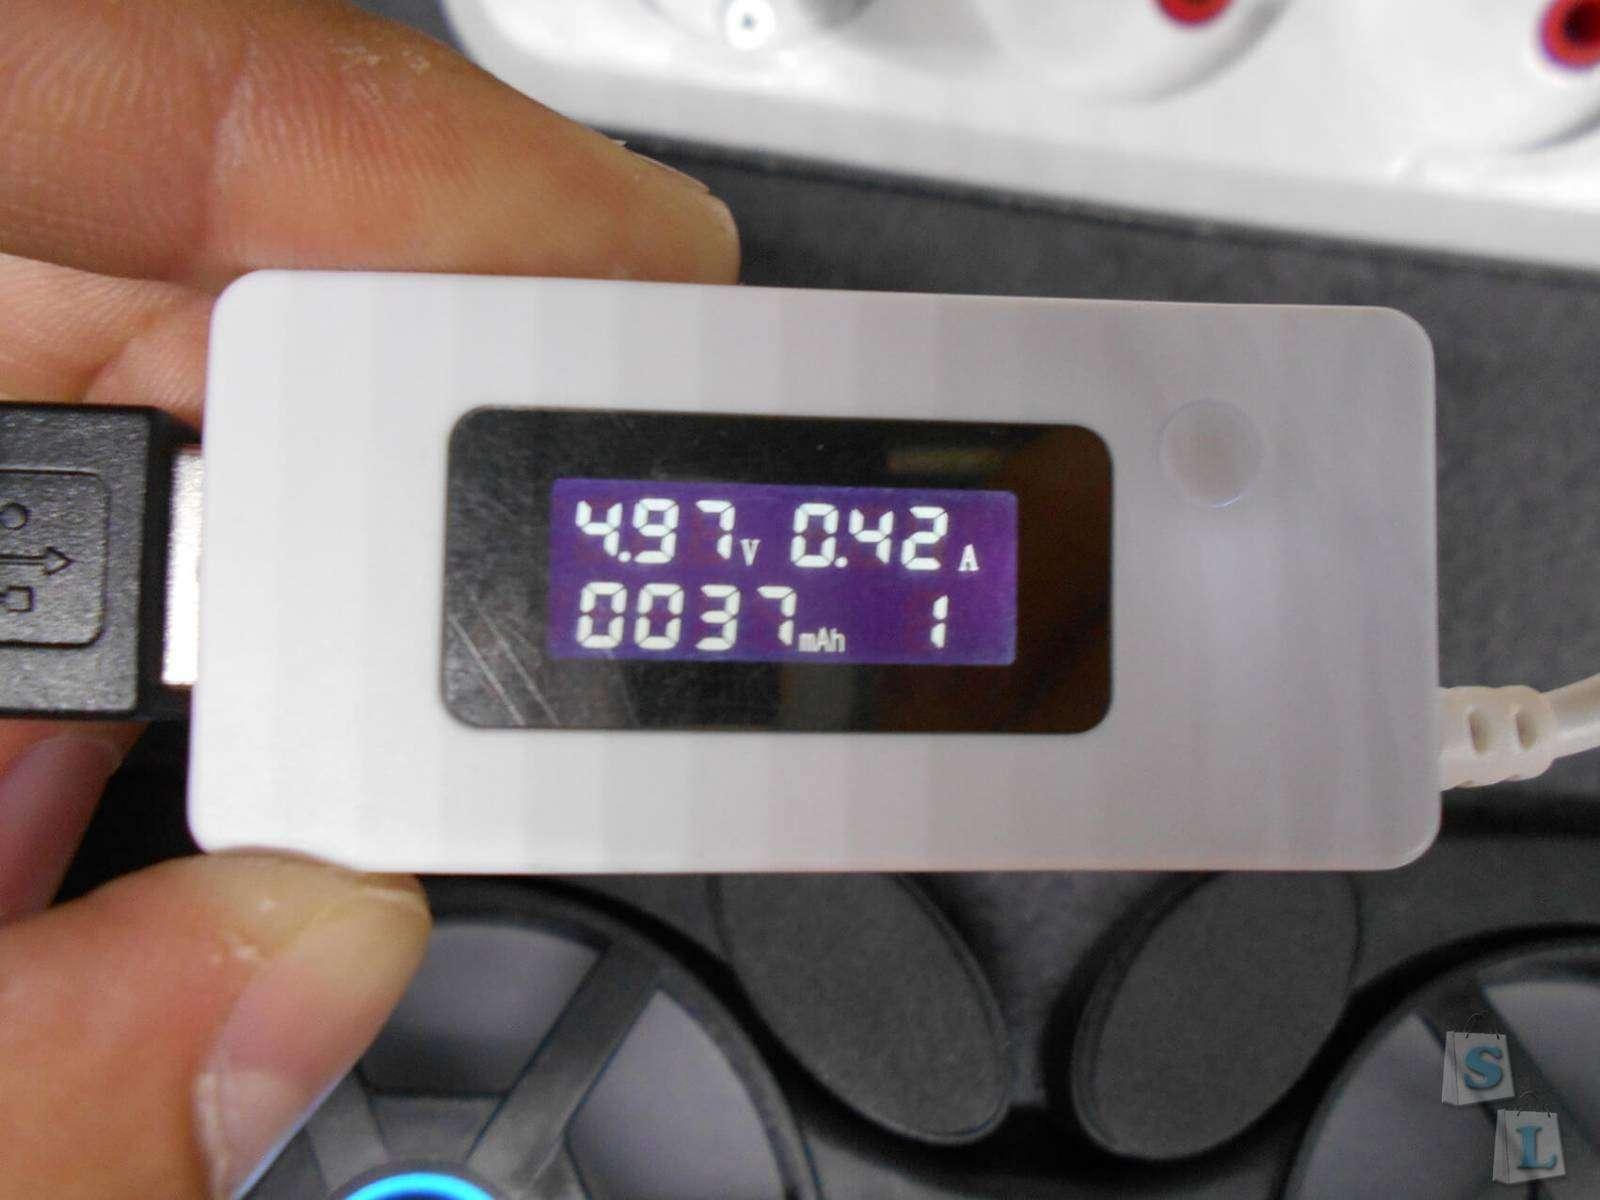 Aliexpress: Универсальное компактное охлаждение для ноутбука.